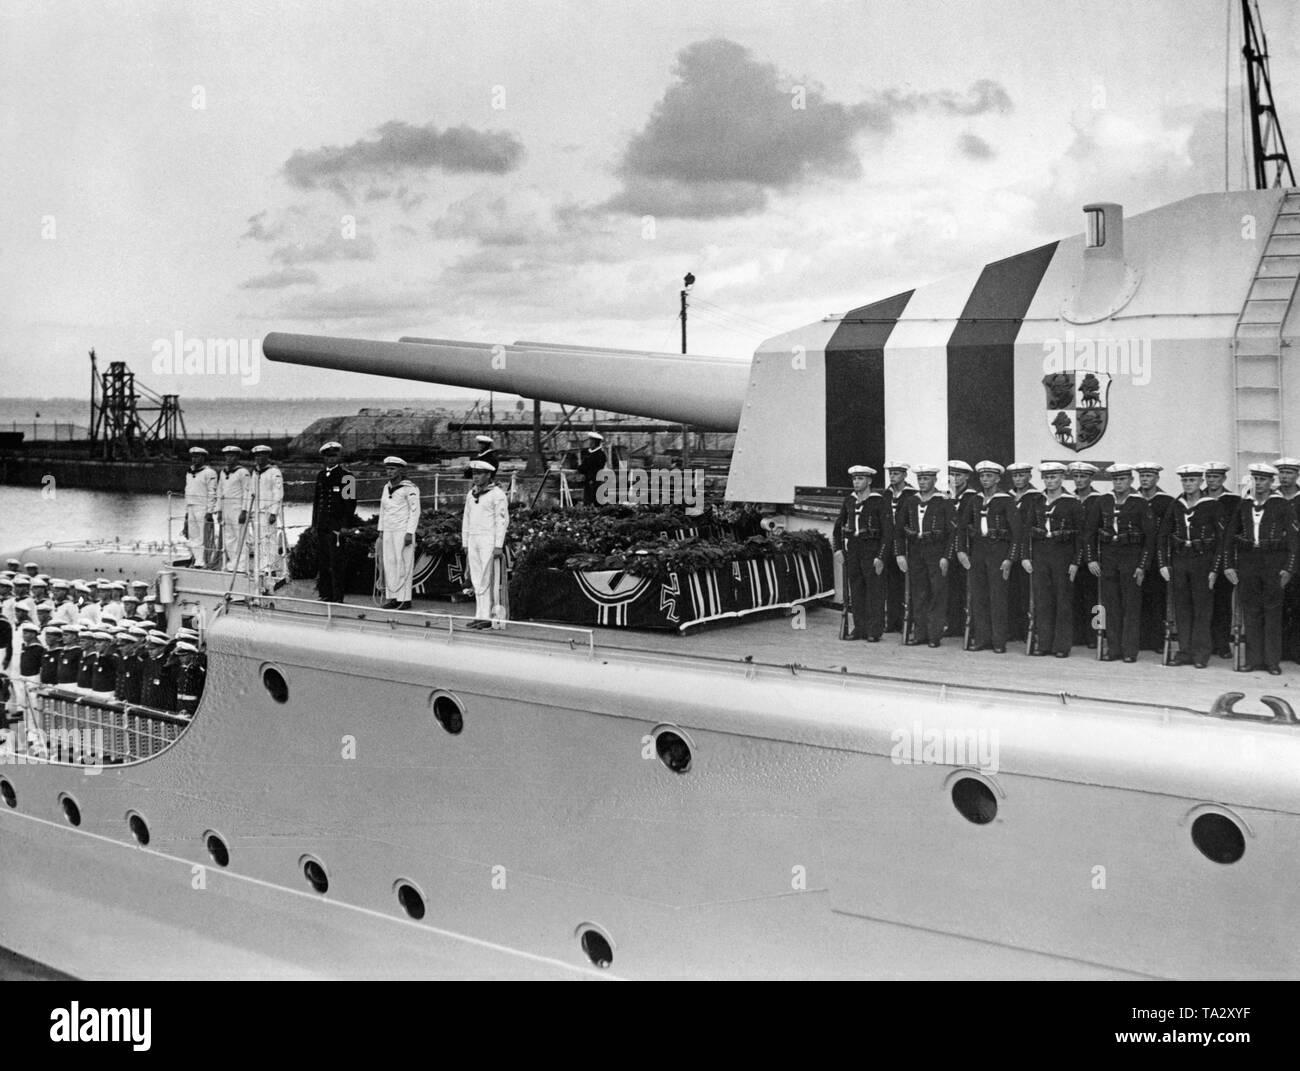 Foto der oberen Fahrgastebene von der Schwere Kreuzer 'Deutschland' mit den Särgen der Besatzungsmitglieder, die in die Bombardierung der republikanischen Flugzeuge während des Spanischen Bürgerkriegs in der Nähe von Ibiza im Juni 1937 getötet wurden, in den Hafen von Wilhelmshaven an der Nordsee. Neben der Särge mit der Naval ensign Blumen und Kränzen geschmückt, die Garnison in Dress Uniform gesäumt. Dahinter, es ist der Turm mit drei Gun Barrel (Kaliber 28 cm). Im Hintergrund, die Hafenanlagen. Stockbild